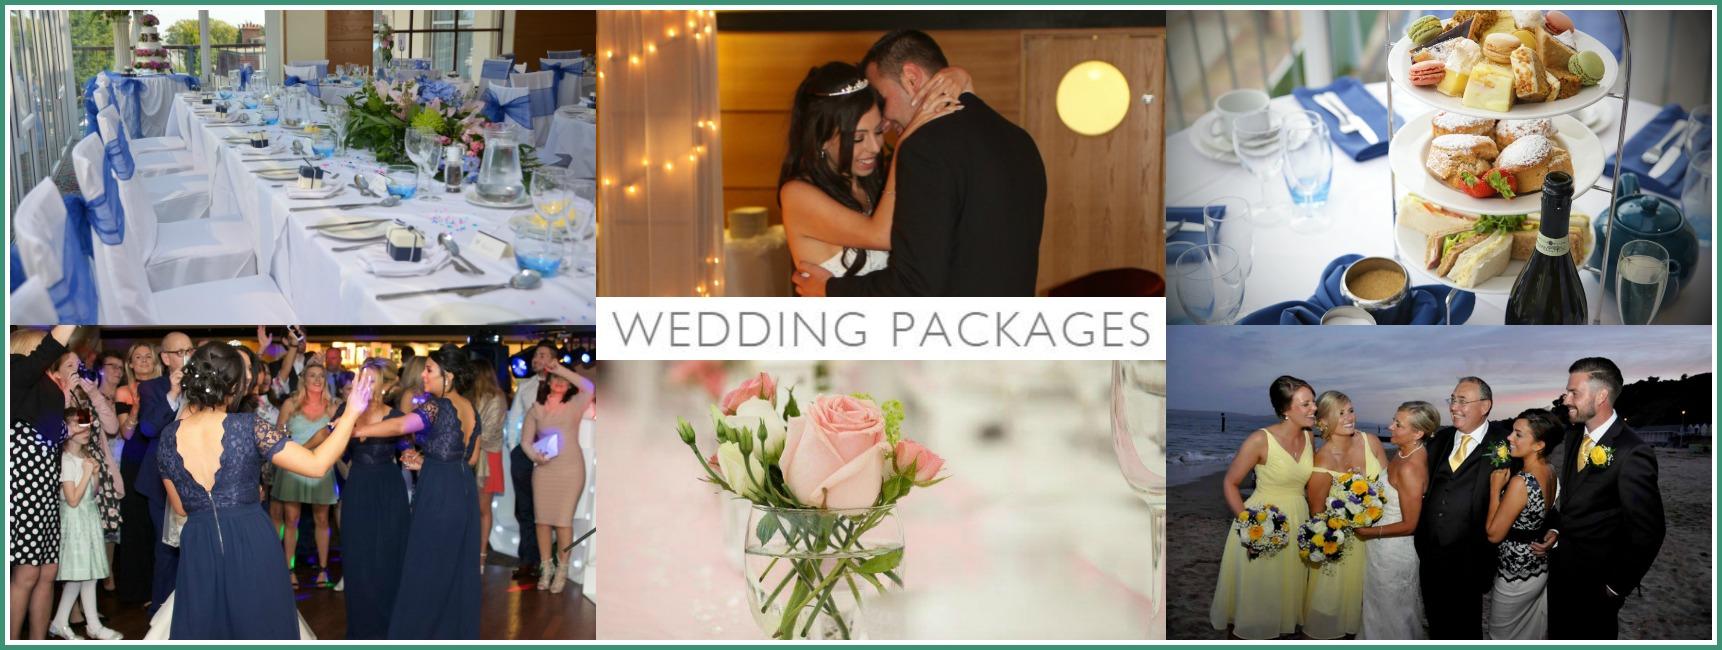 weddingpackages2